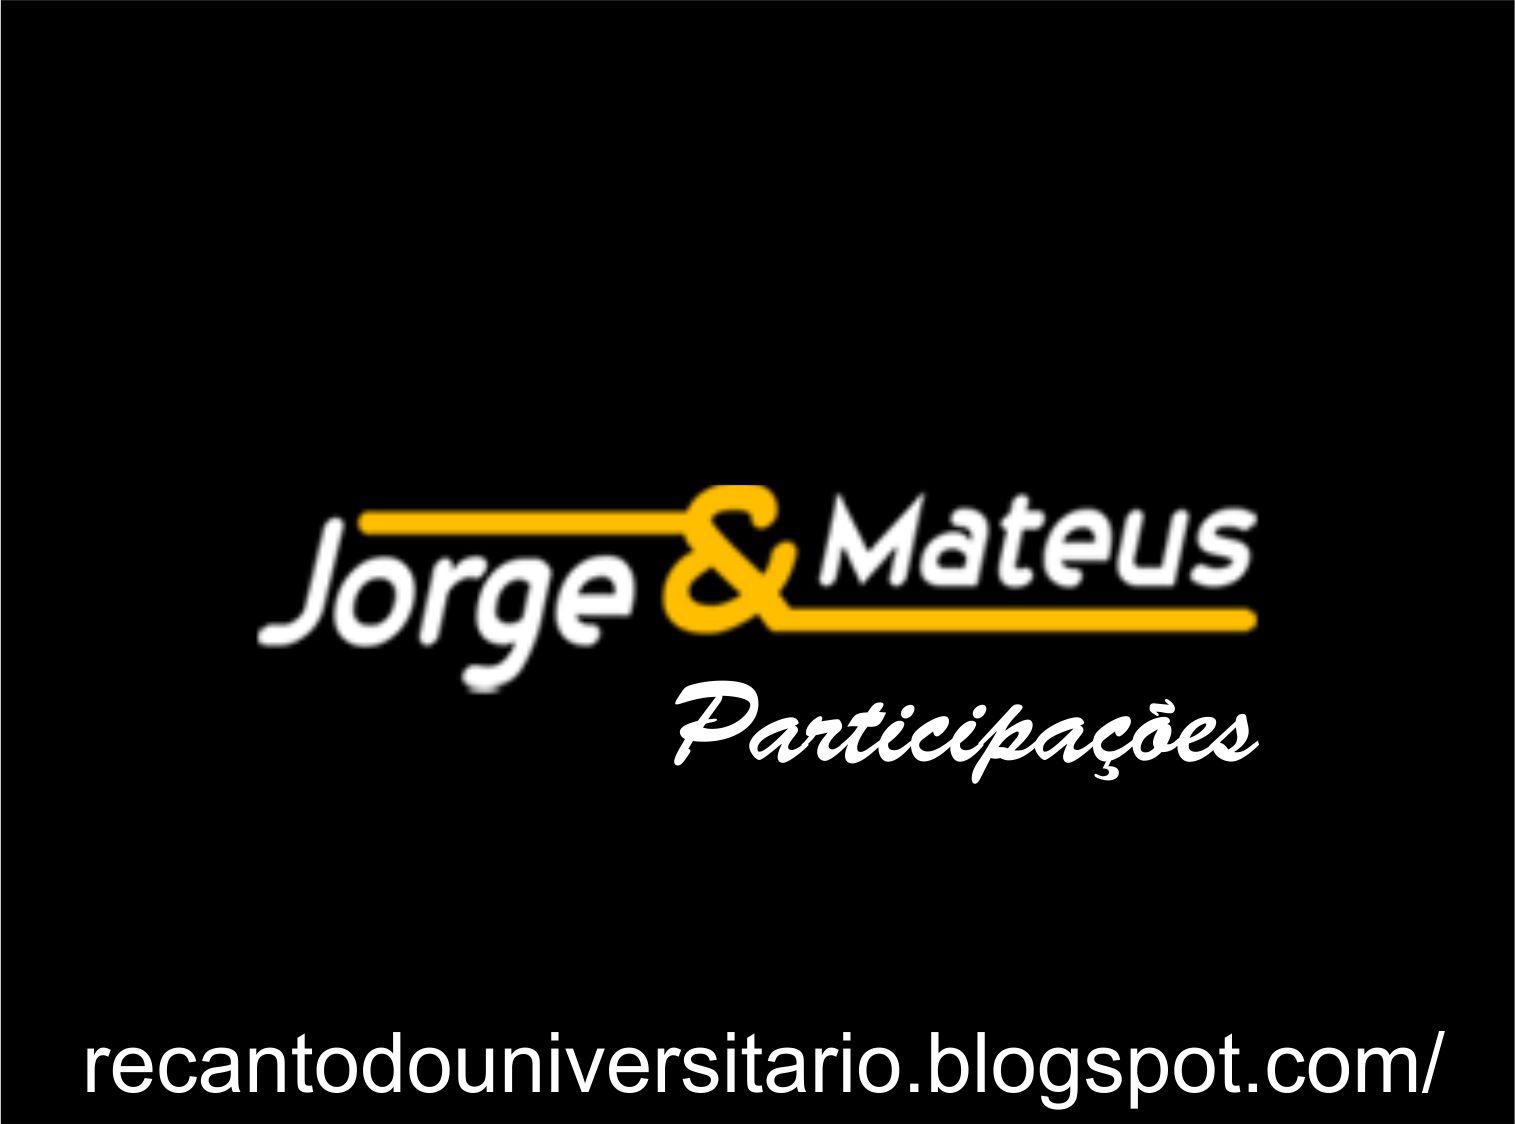 Jorge e Mateus  - Participa��es Especiais